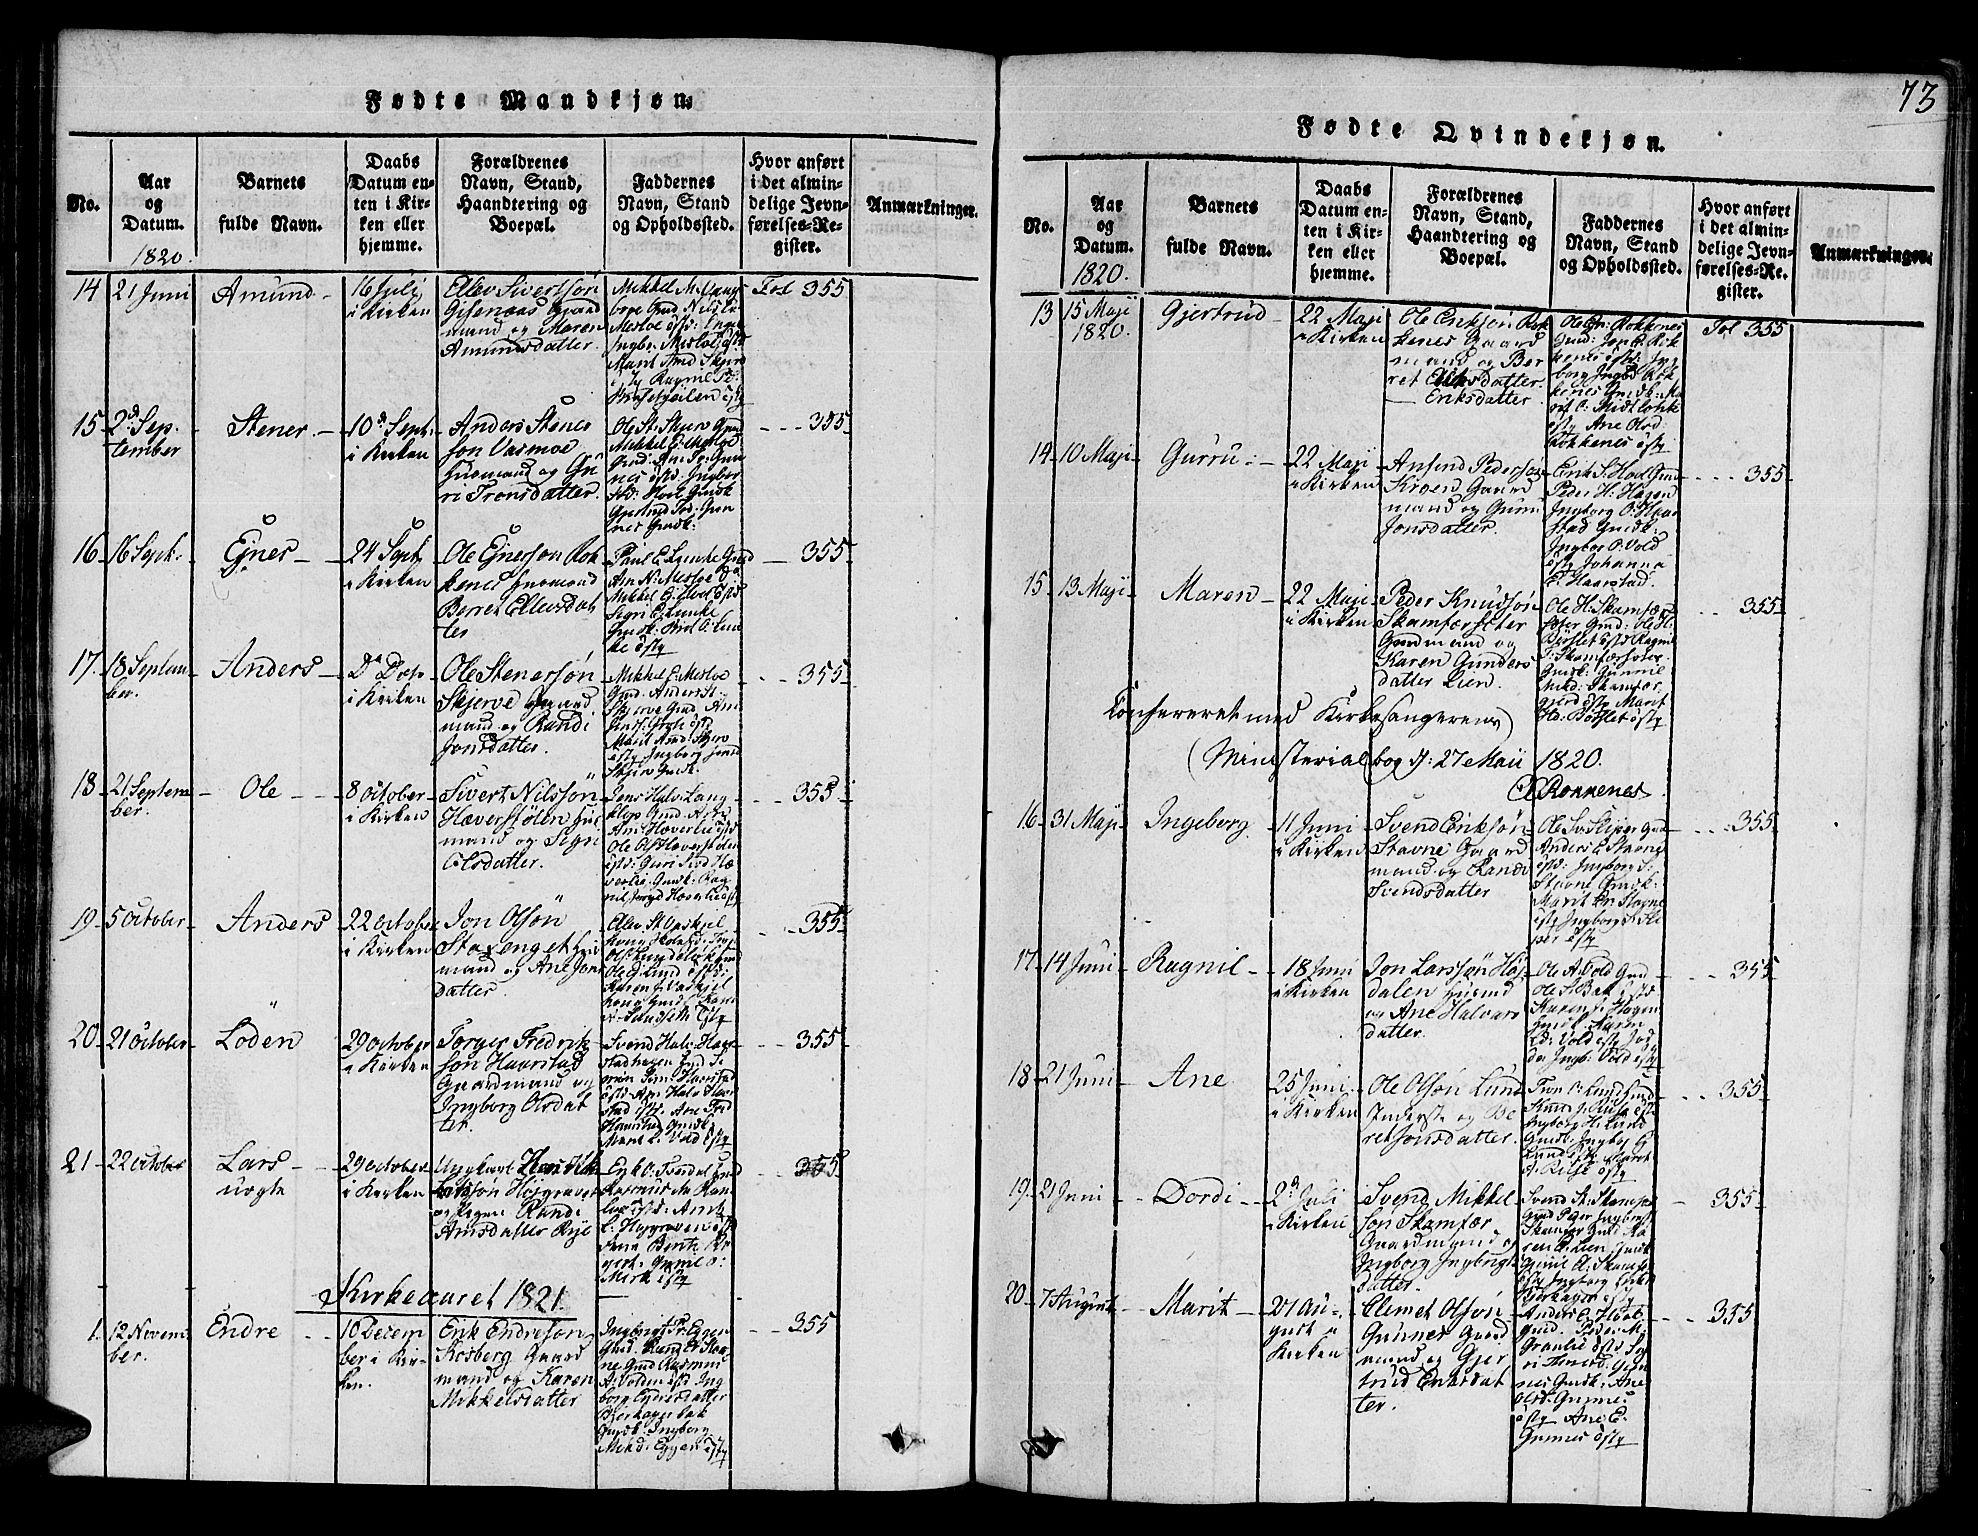 SAT, Ministerialprotokoller, klokkerbøker og fødselsregistre - Sør-Trøndelag, 672/L0854: Ministerialbok nr. 672A06 /2, 1816-1829, s. 73